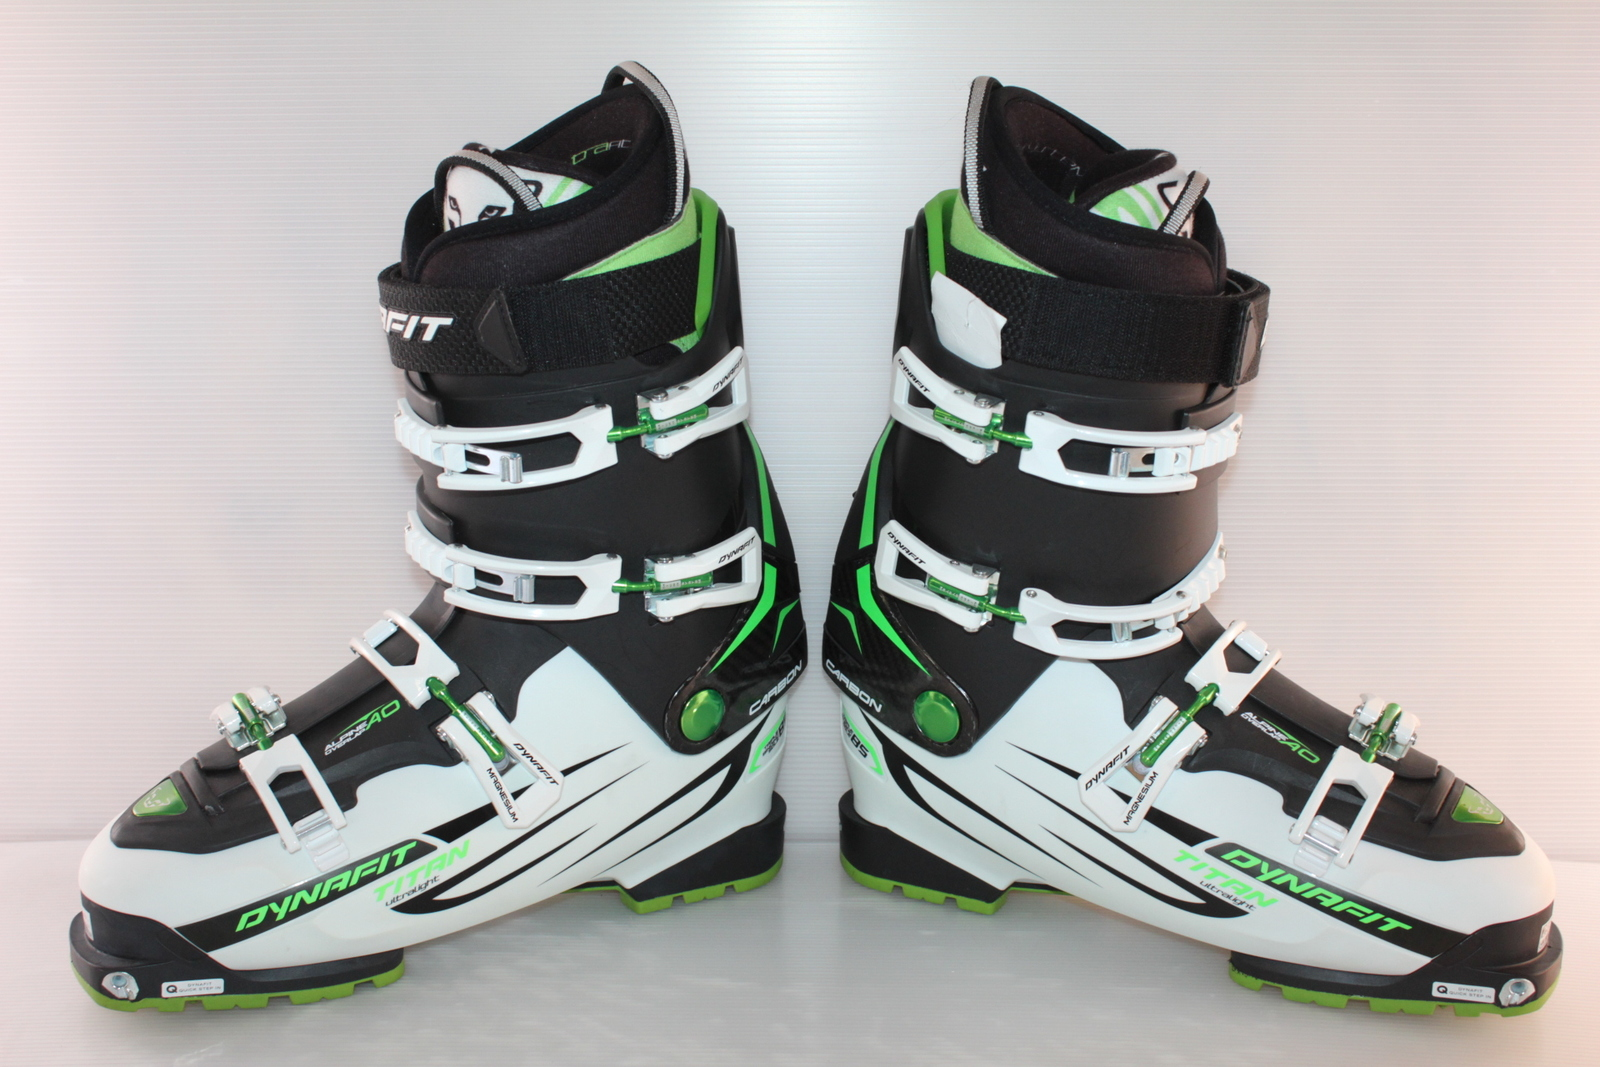 Skialpové boty Dynafit UltraLight - skialp vel. EU39